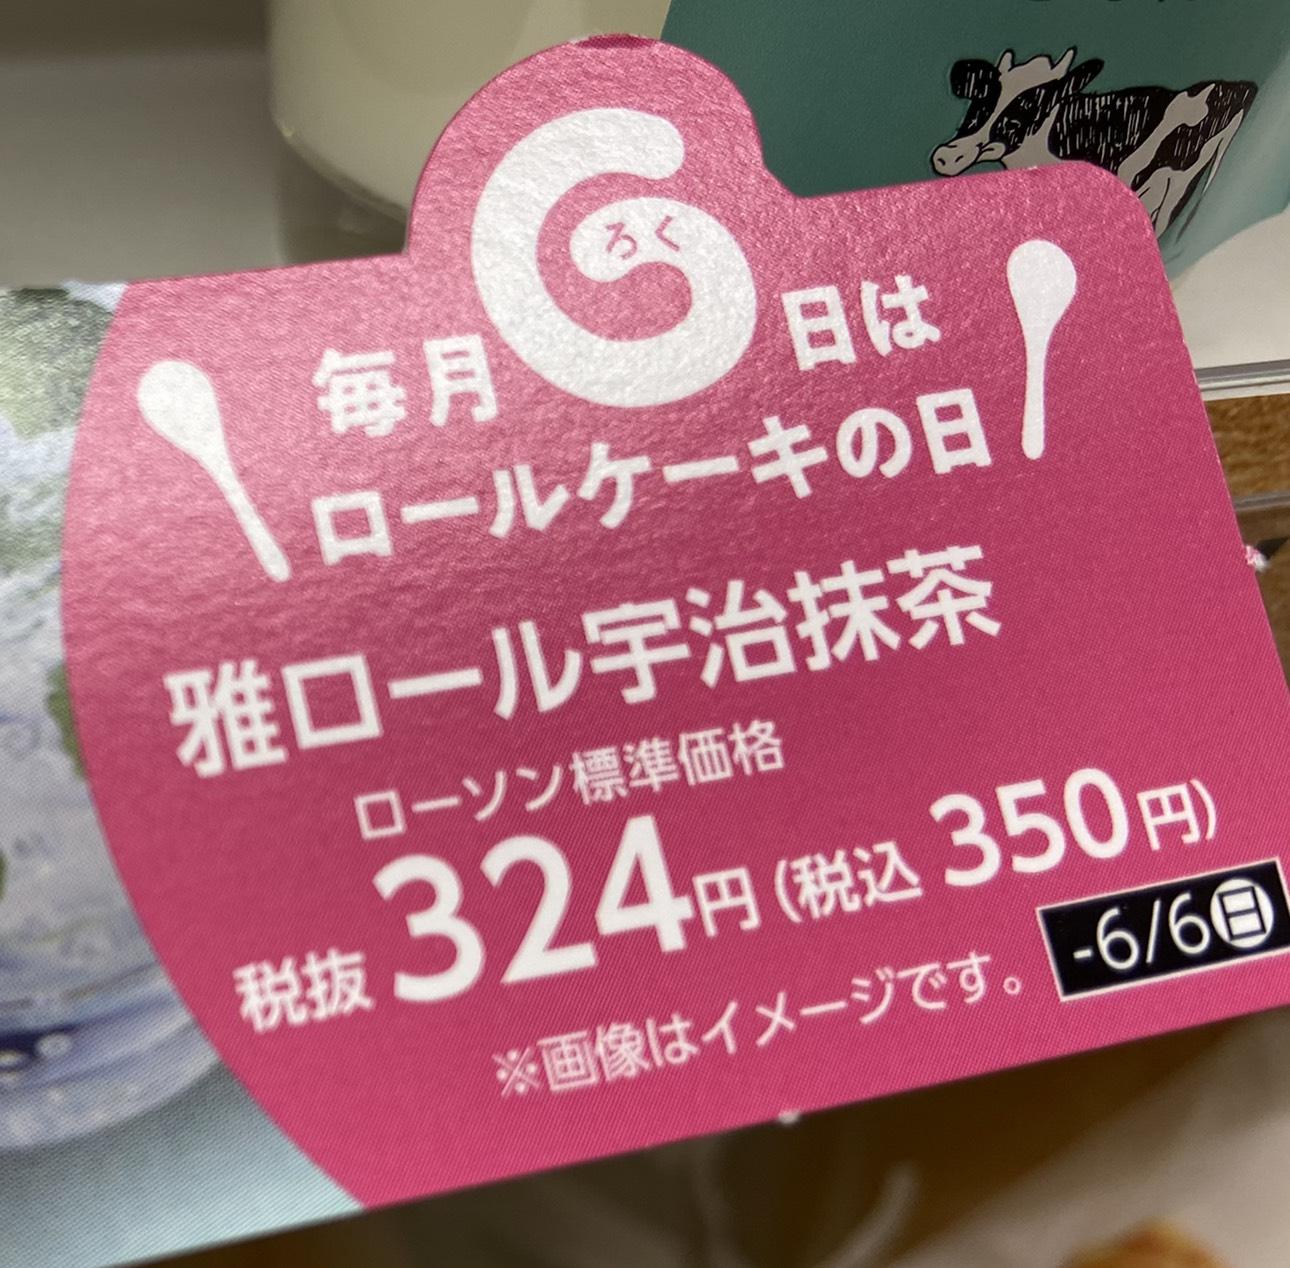 【新発売】ほぼ抹茶クリーム!?毎月6日はロールケーキの日!【食レポ】_3